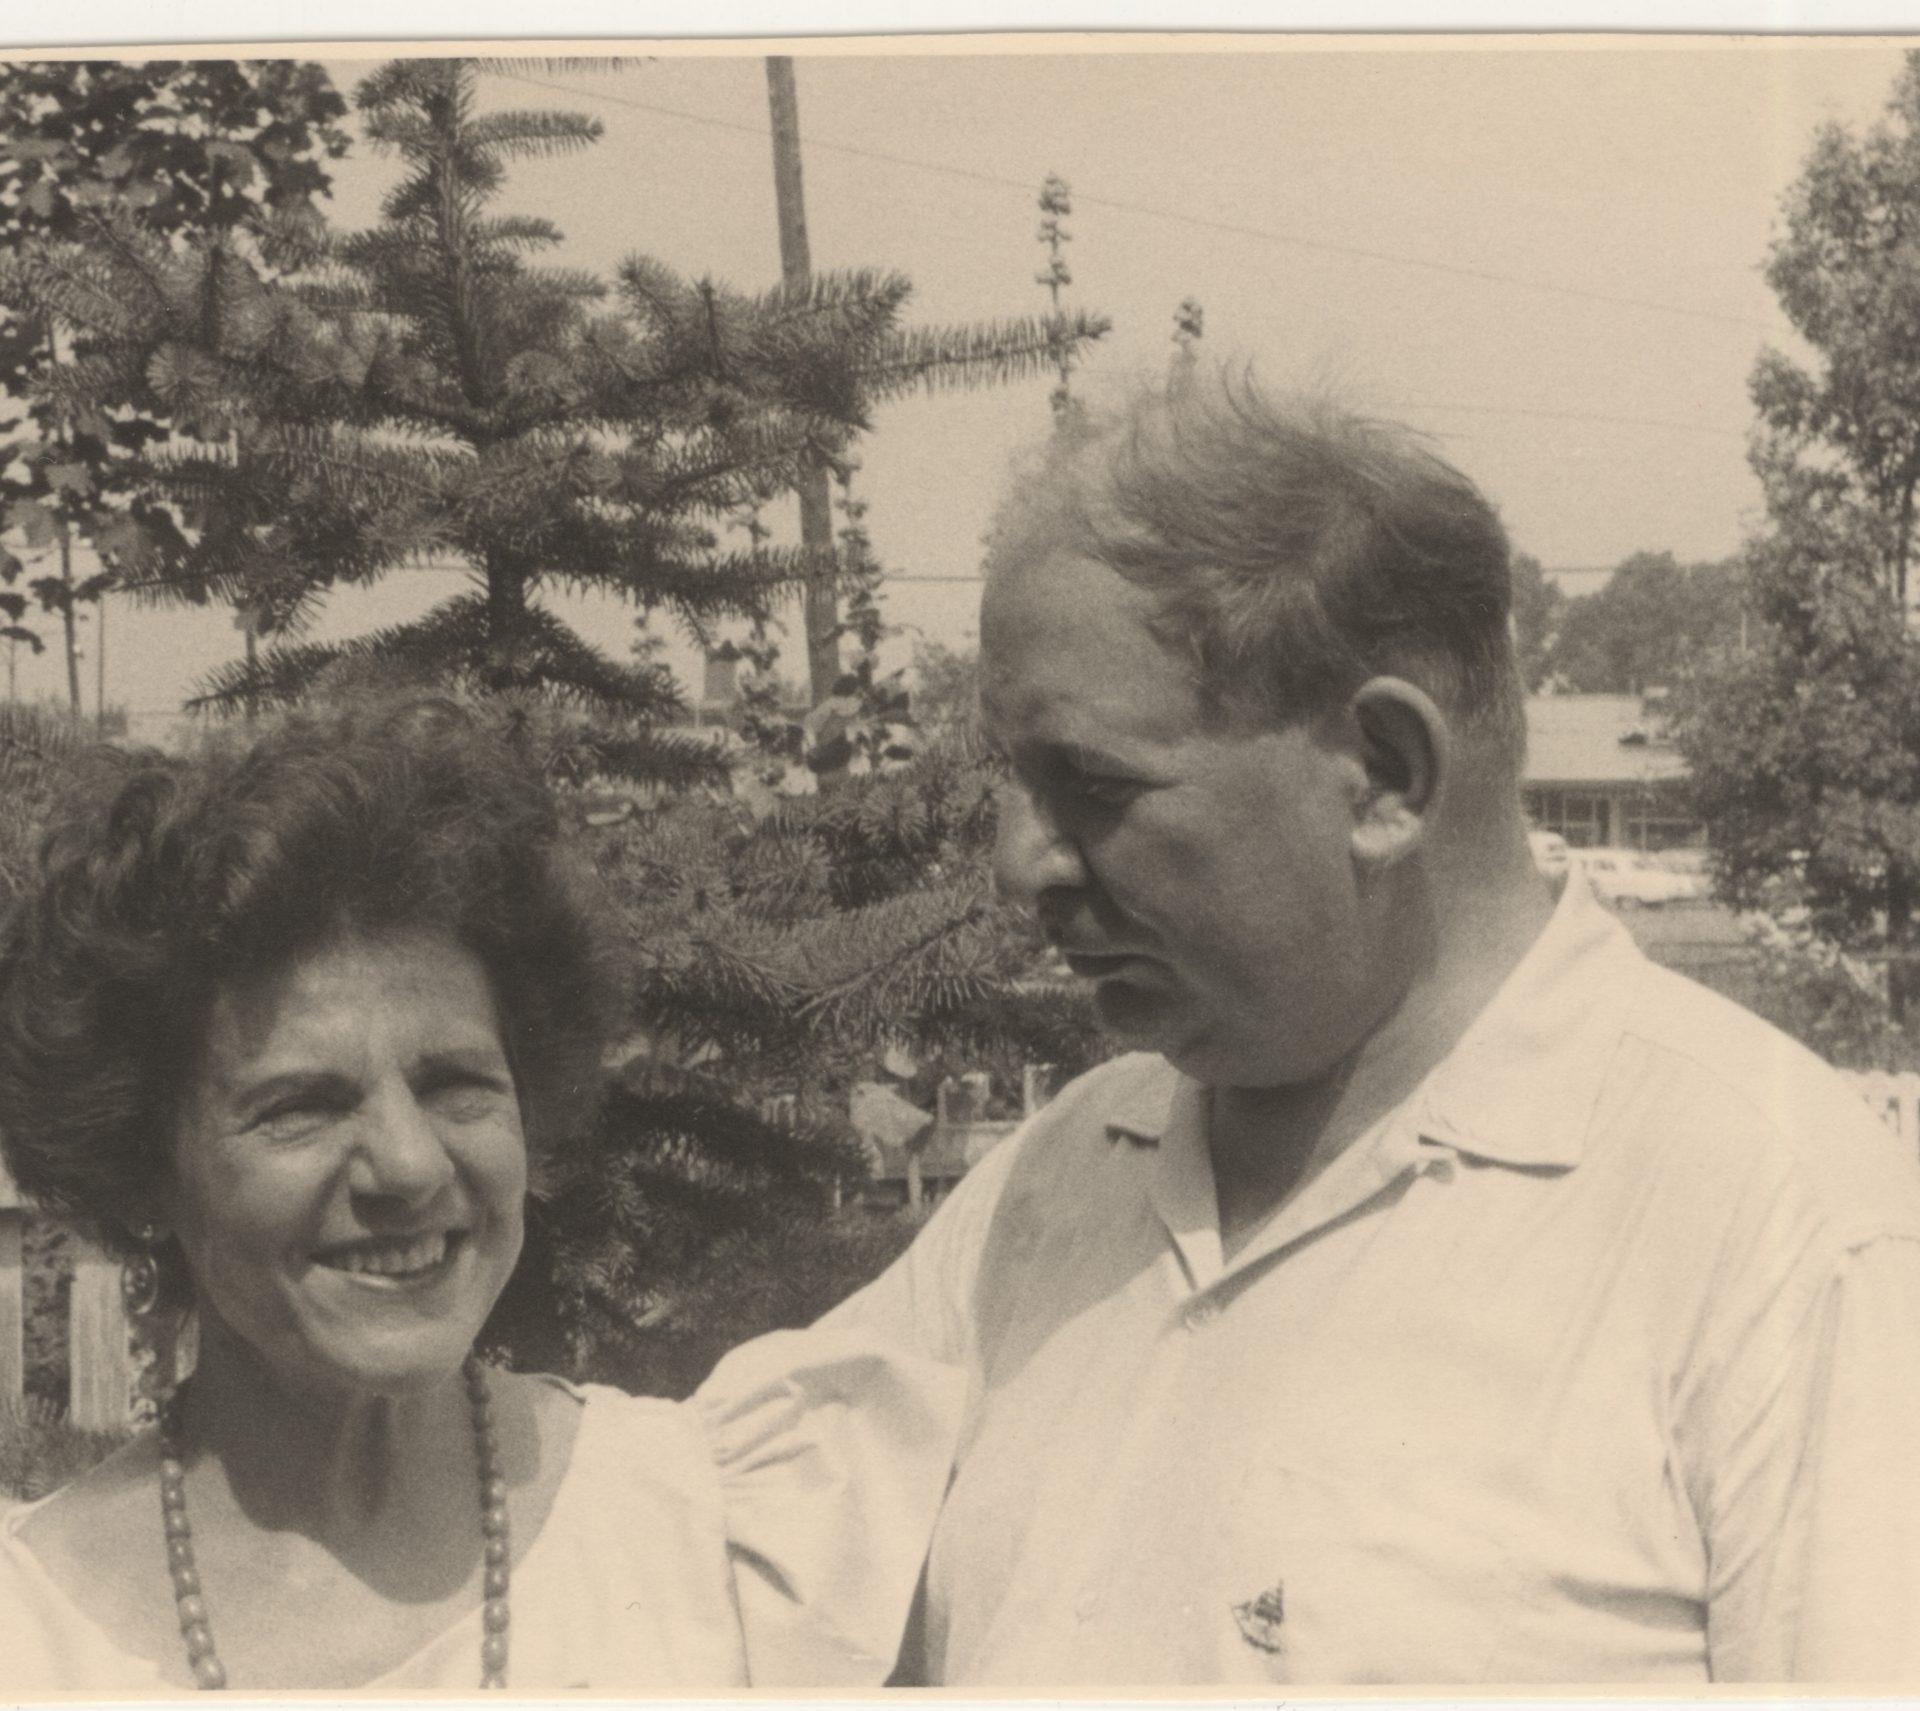 Photographie de Frida Bone et de son mari prise à Montréal vers 1951.